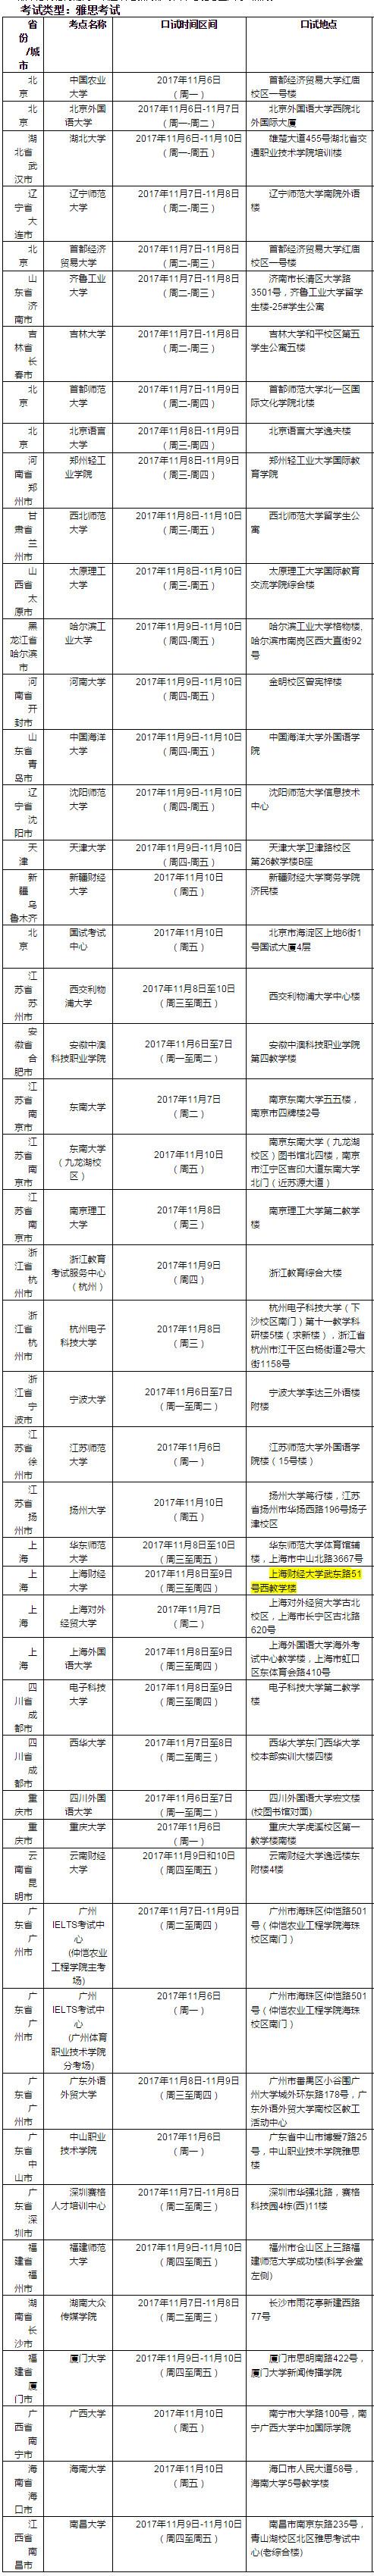 2017年11月11日雅思口语考试安排